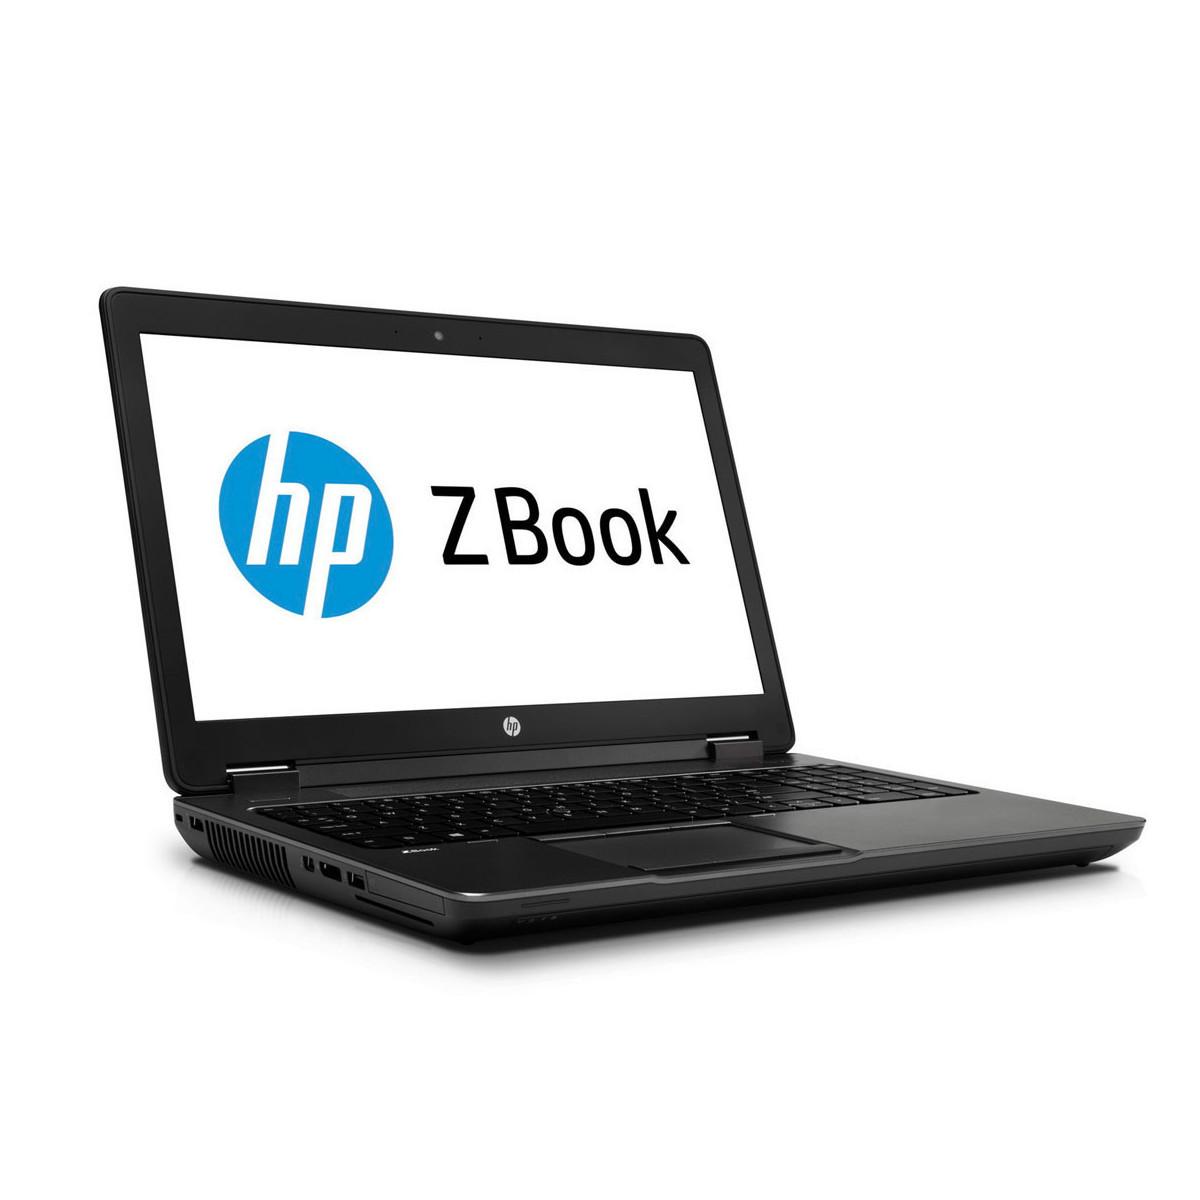 中古ノートパソコンHP Pro ZBook15 Moblie WorkStation D5H42AV WorkStation【中古】 HP i7 ZBook15 Moblie WorkStation 中古ノートパソコンCore i7 Win7 Pro HP ZBook15 Moblie WorkStation 中古ノートパソコンCore i7 Win7 Pro, FREE MART Wear houseフリーマート:4b306f76 --- officewill.xsrv.jp